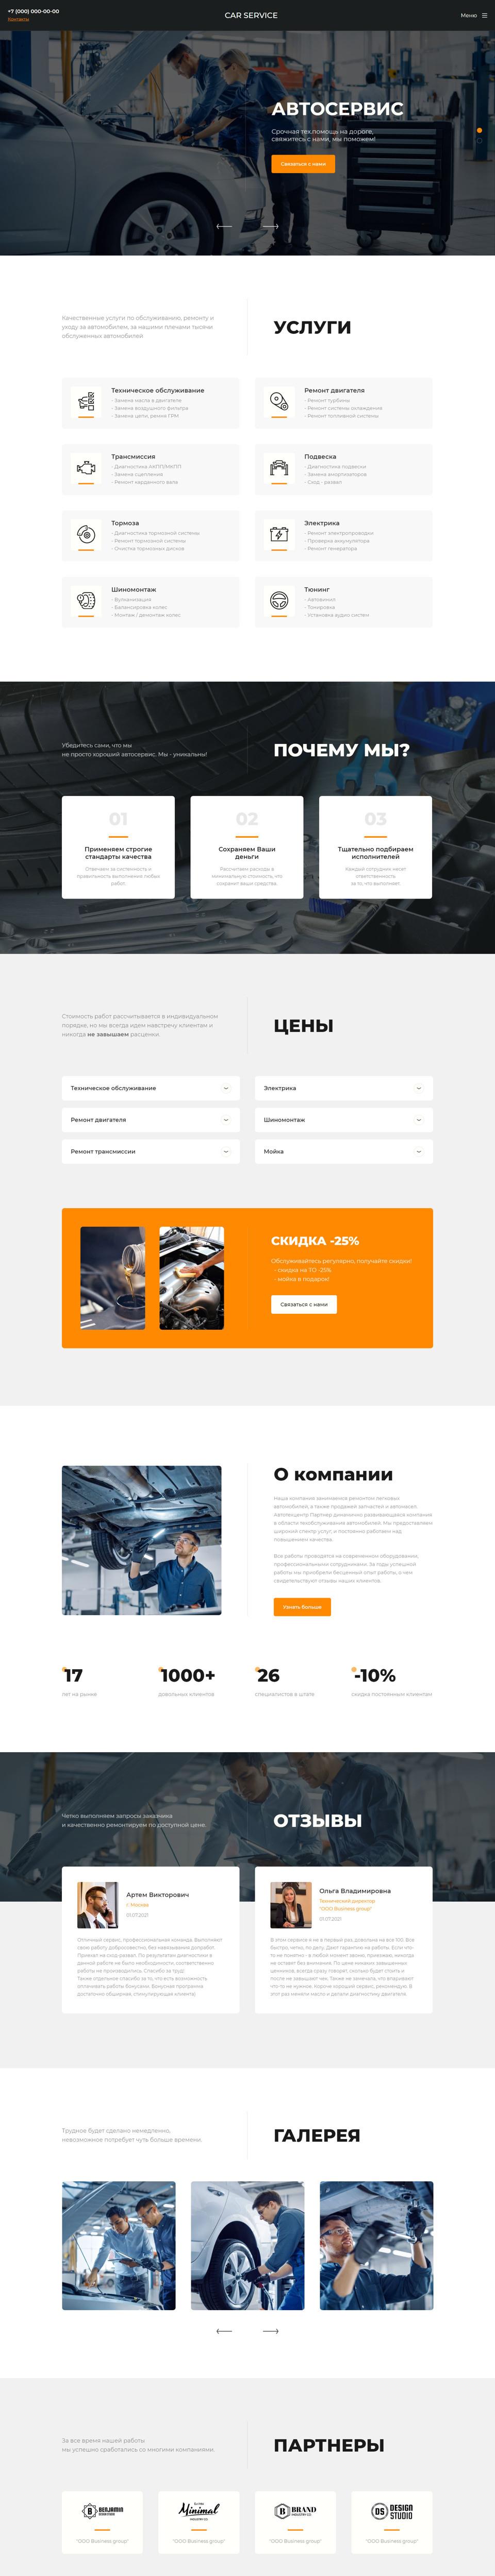 Готовый Сайт-Бизнес № 3084505 - Сайт автосервиса (Главная)